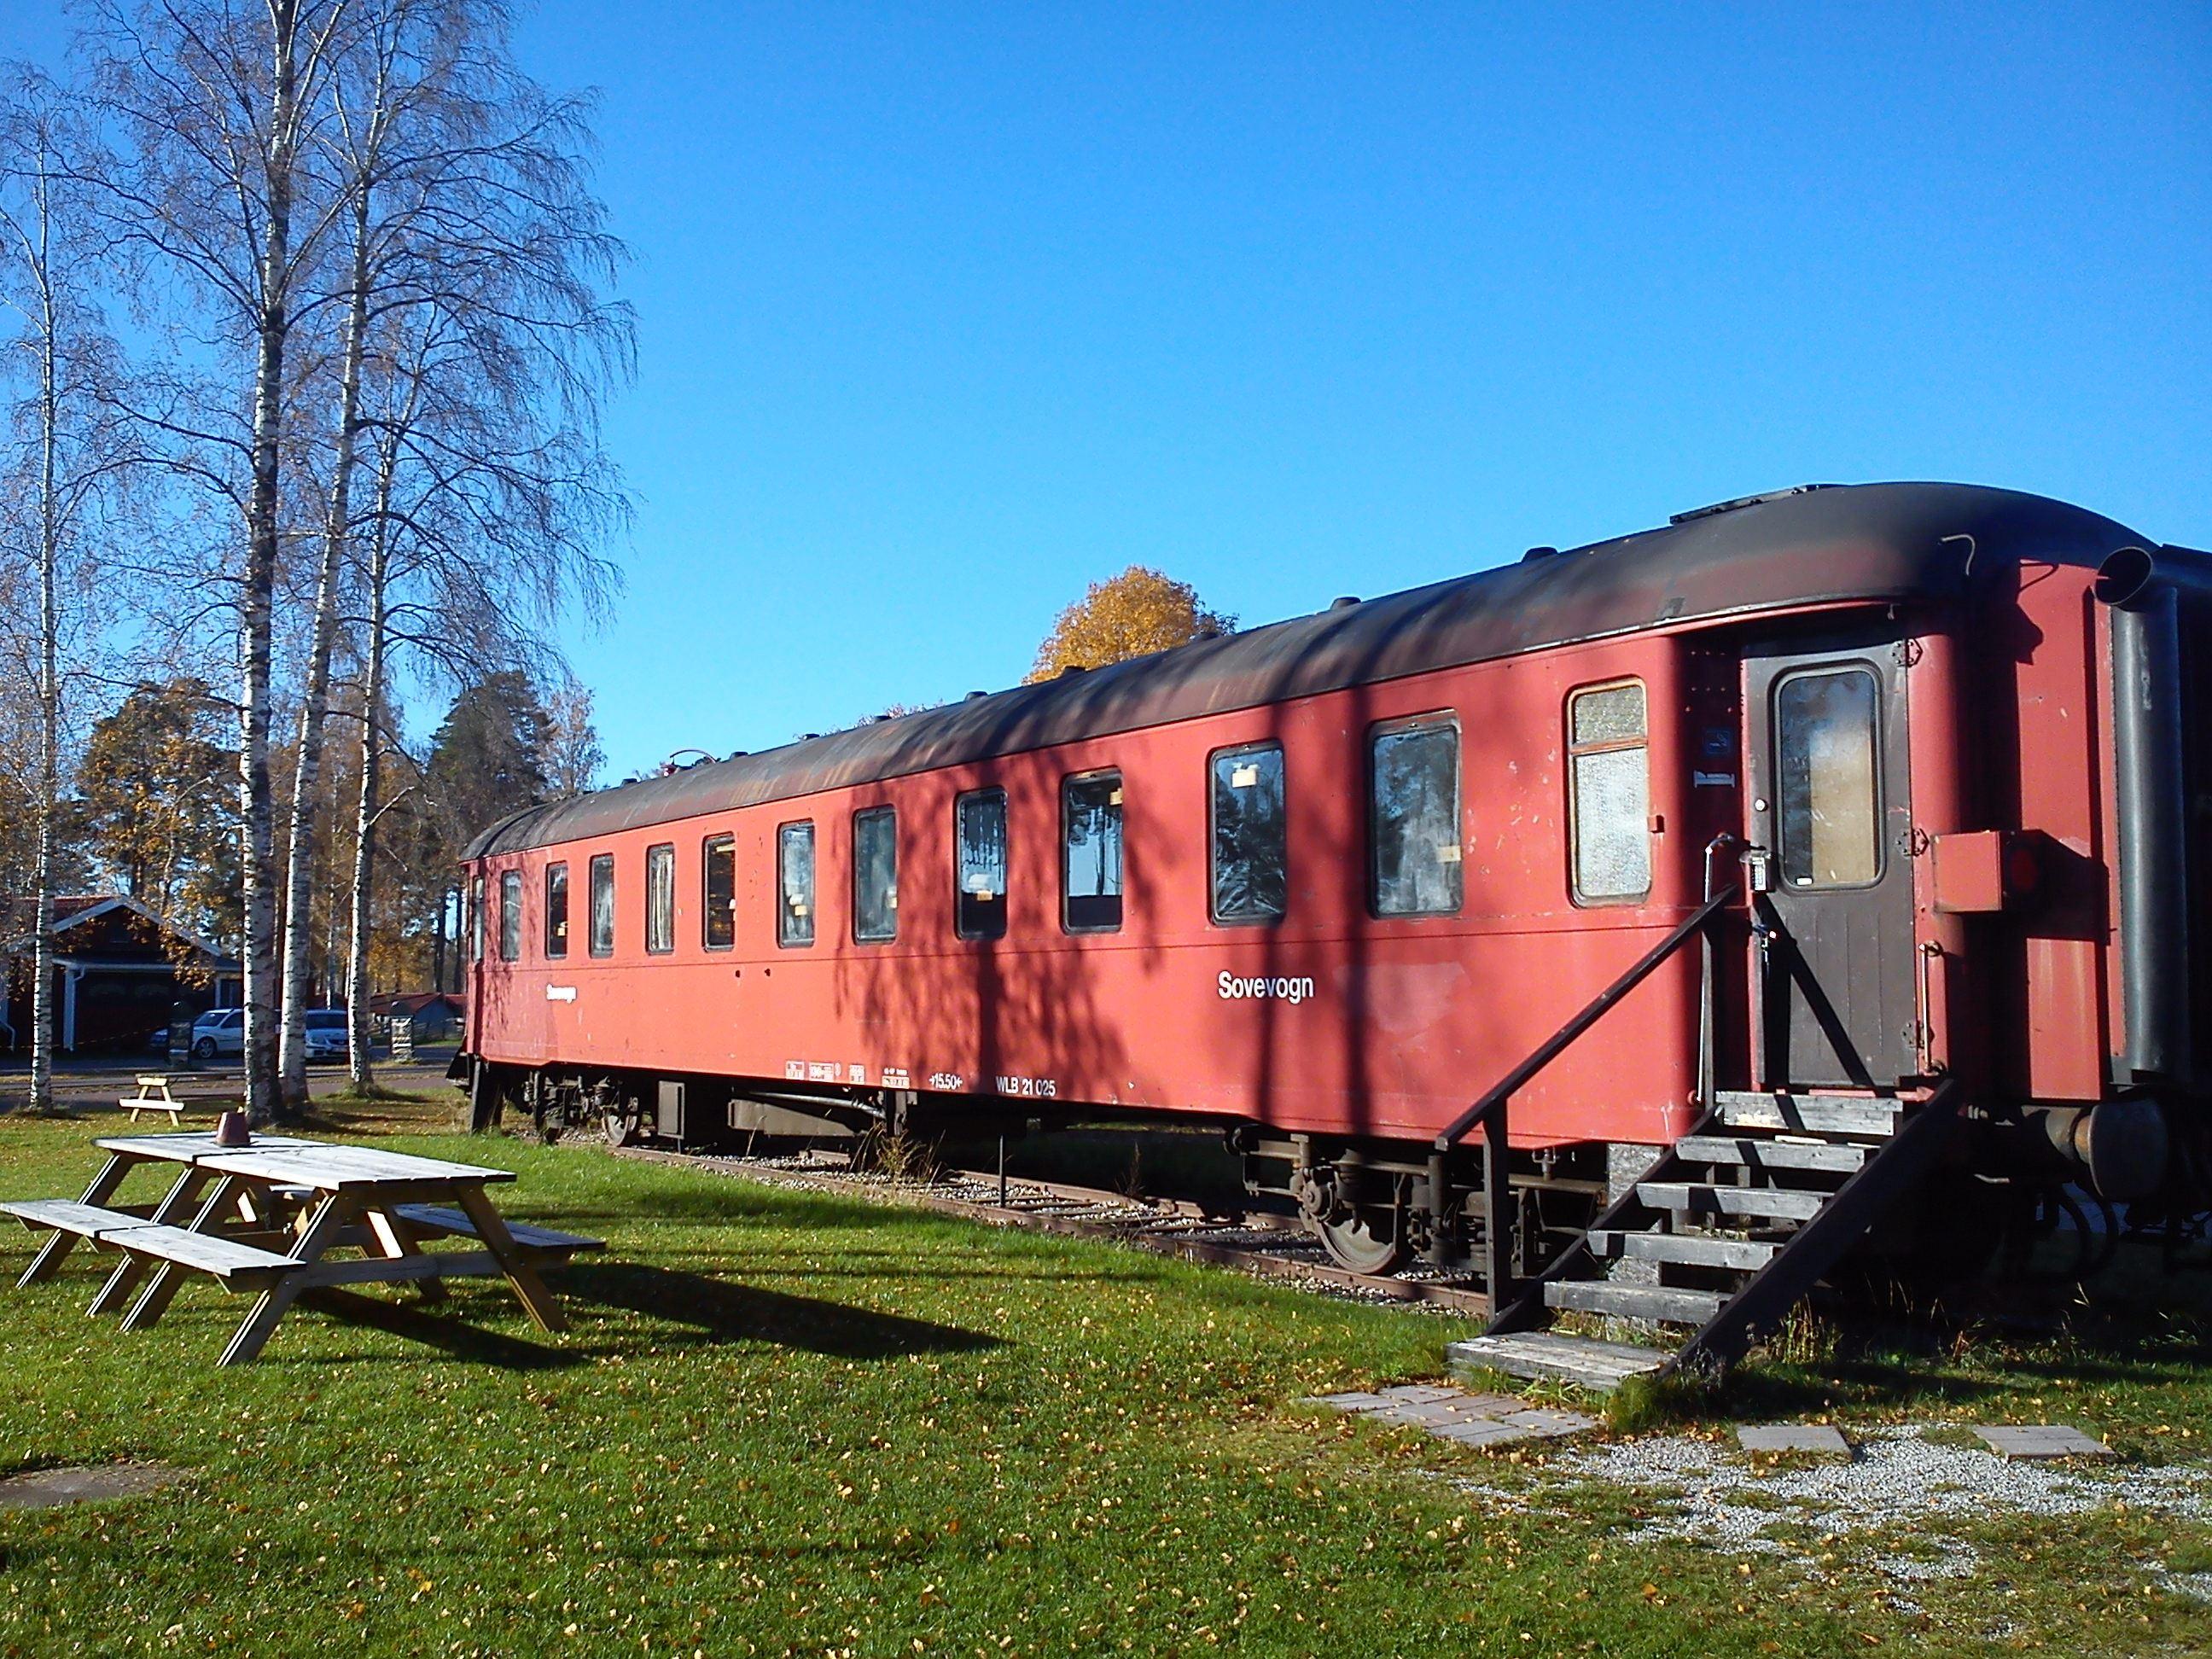 Tågstallarna hostel in Rättvik, Dalarna, SVIF